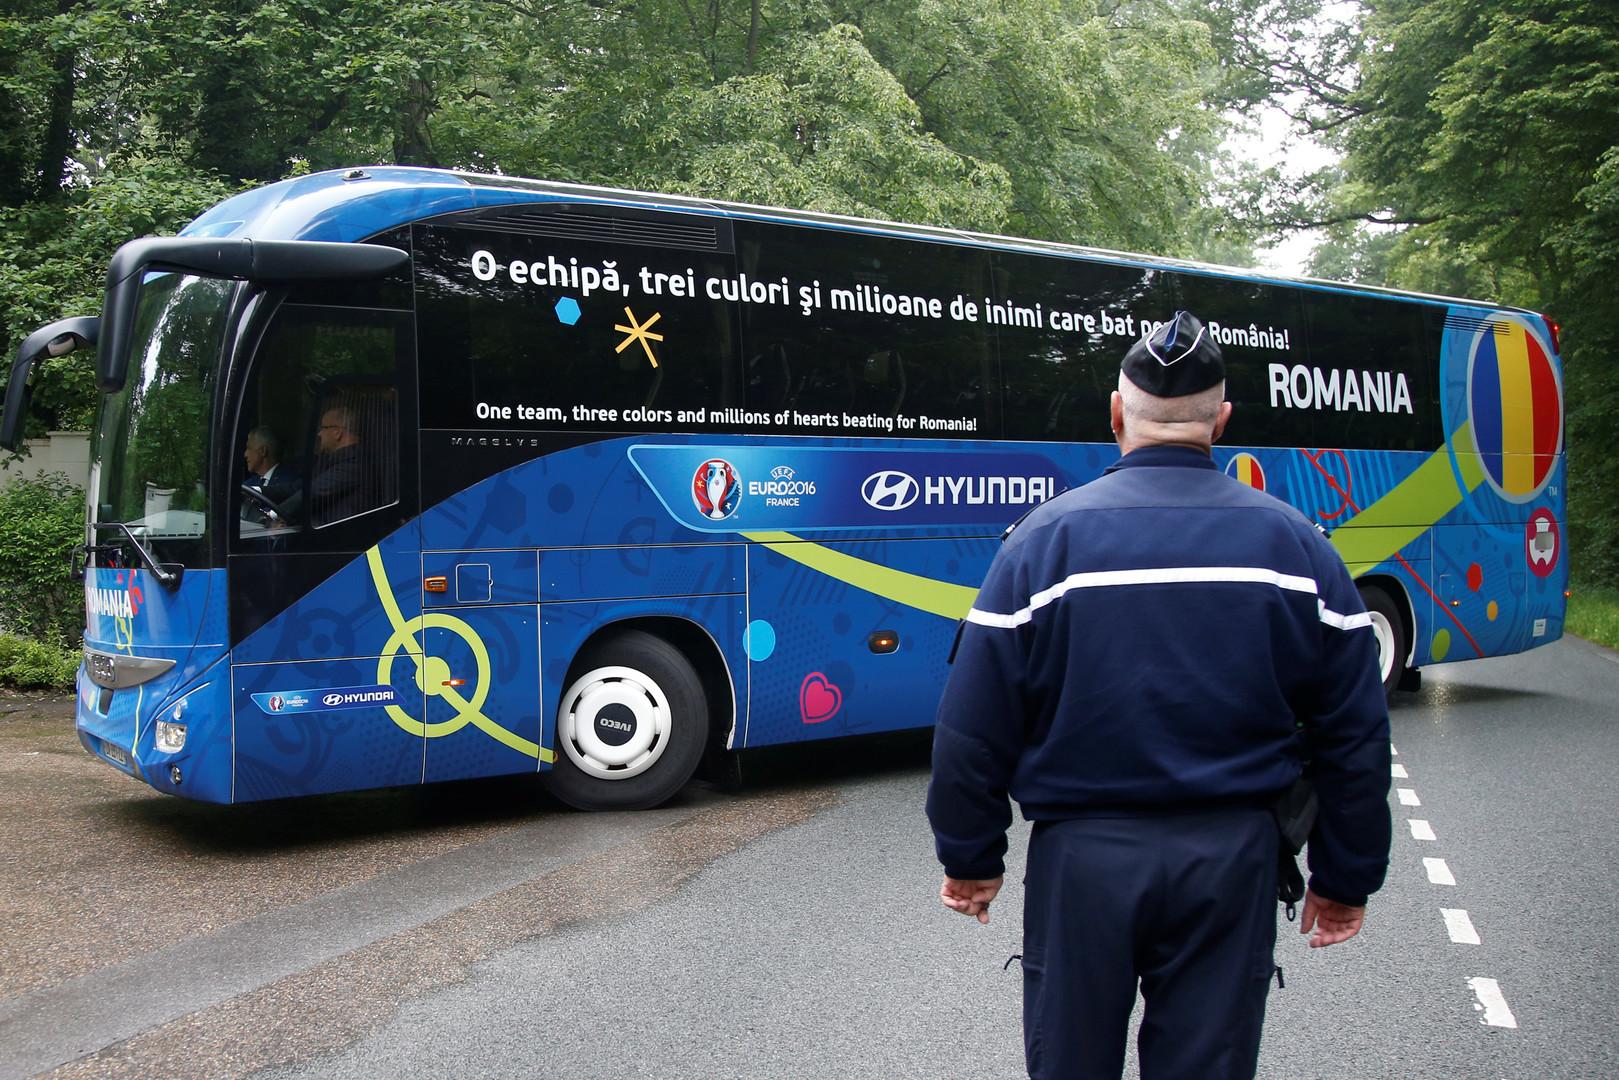 Франция — Румыния: груз ответственности против идеальной защиты